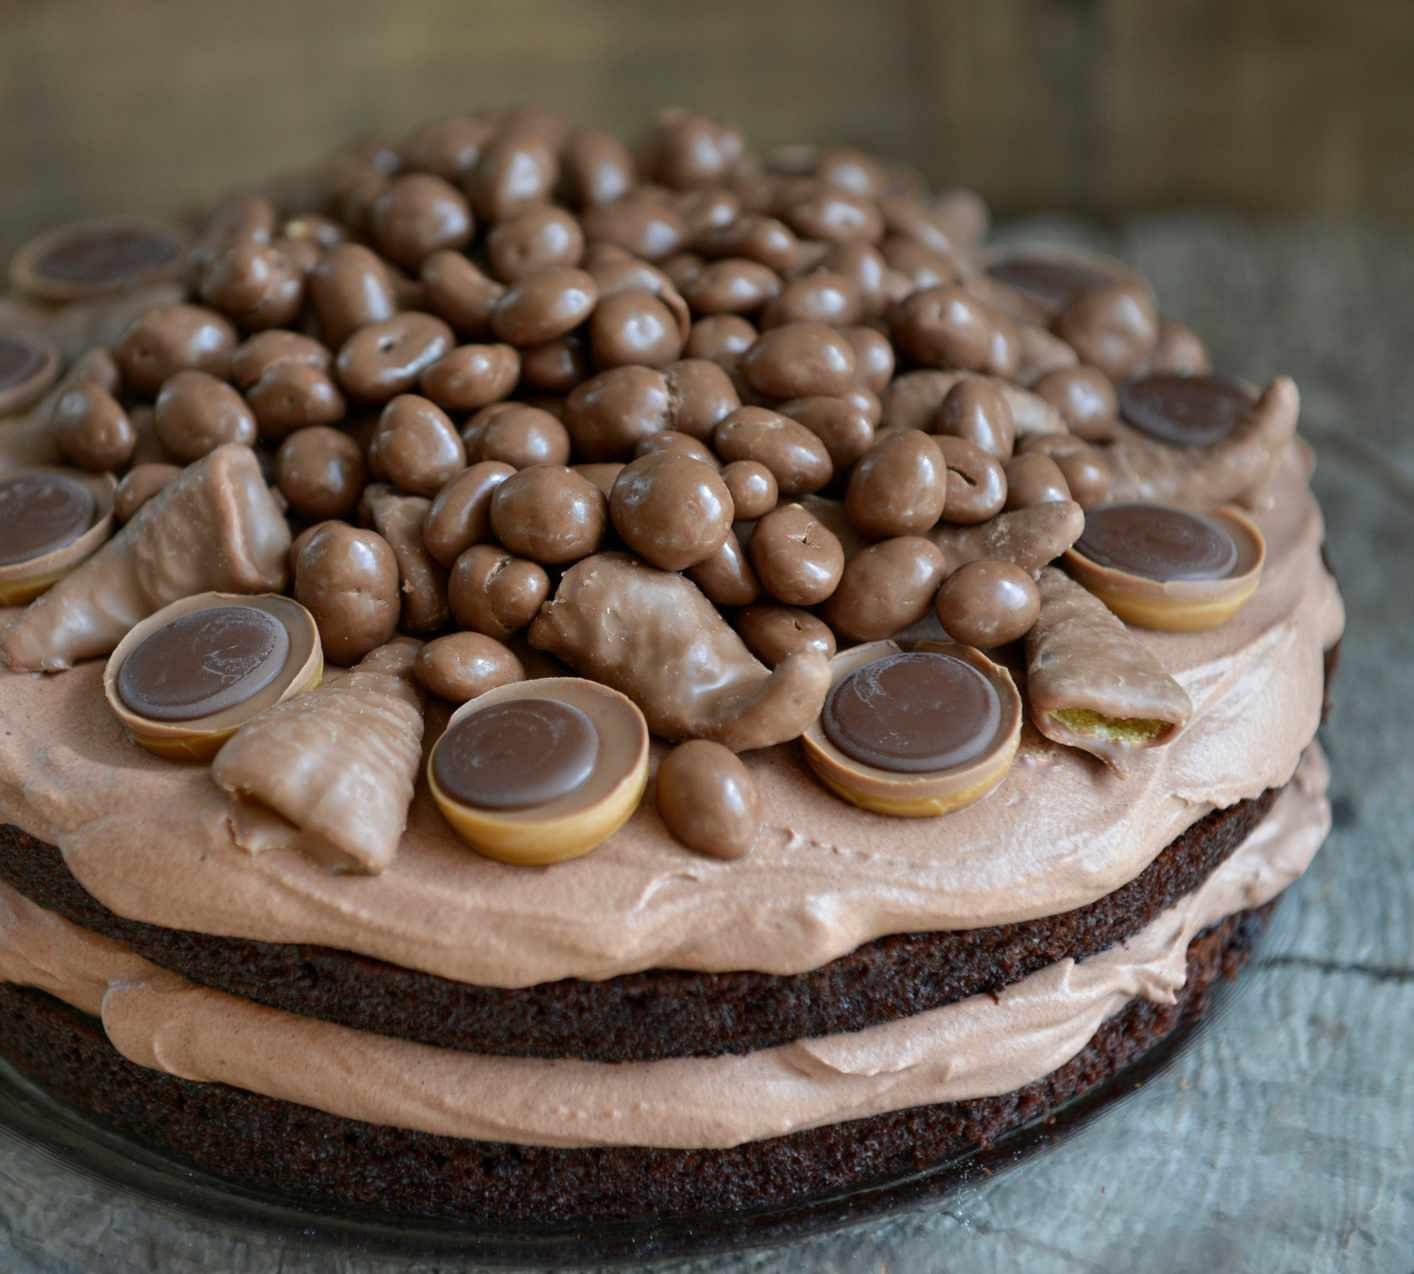 Black Magic Cake  en fantastisk god sjokoladekake is part of Black magic cake - Black Magic Cake er virkelig en av de aller saftigste og beste sjokoladekakene jeg noen gang har smakt  Sjokoladekaken er så saftig at den smelter i munnen, og sammen med fløyelsmyk sjokolademousse, toppet med masse godt, er dette en kake som virkelig imponerer  Jeg har to» hemmelige» ingredienser som jeg mener gjør en stor forskjell  De …